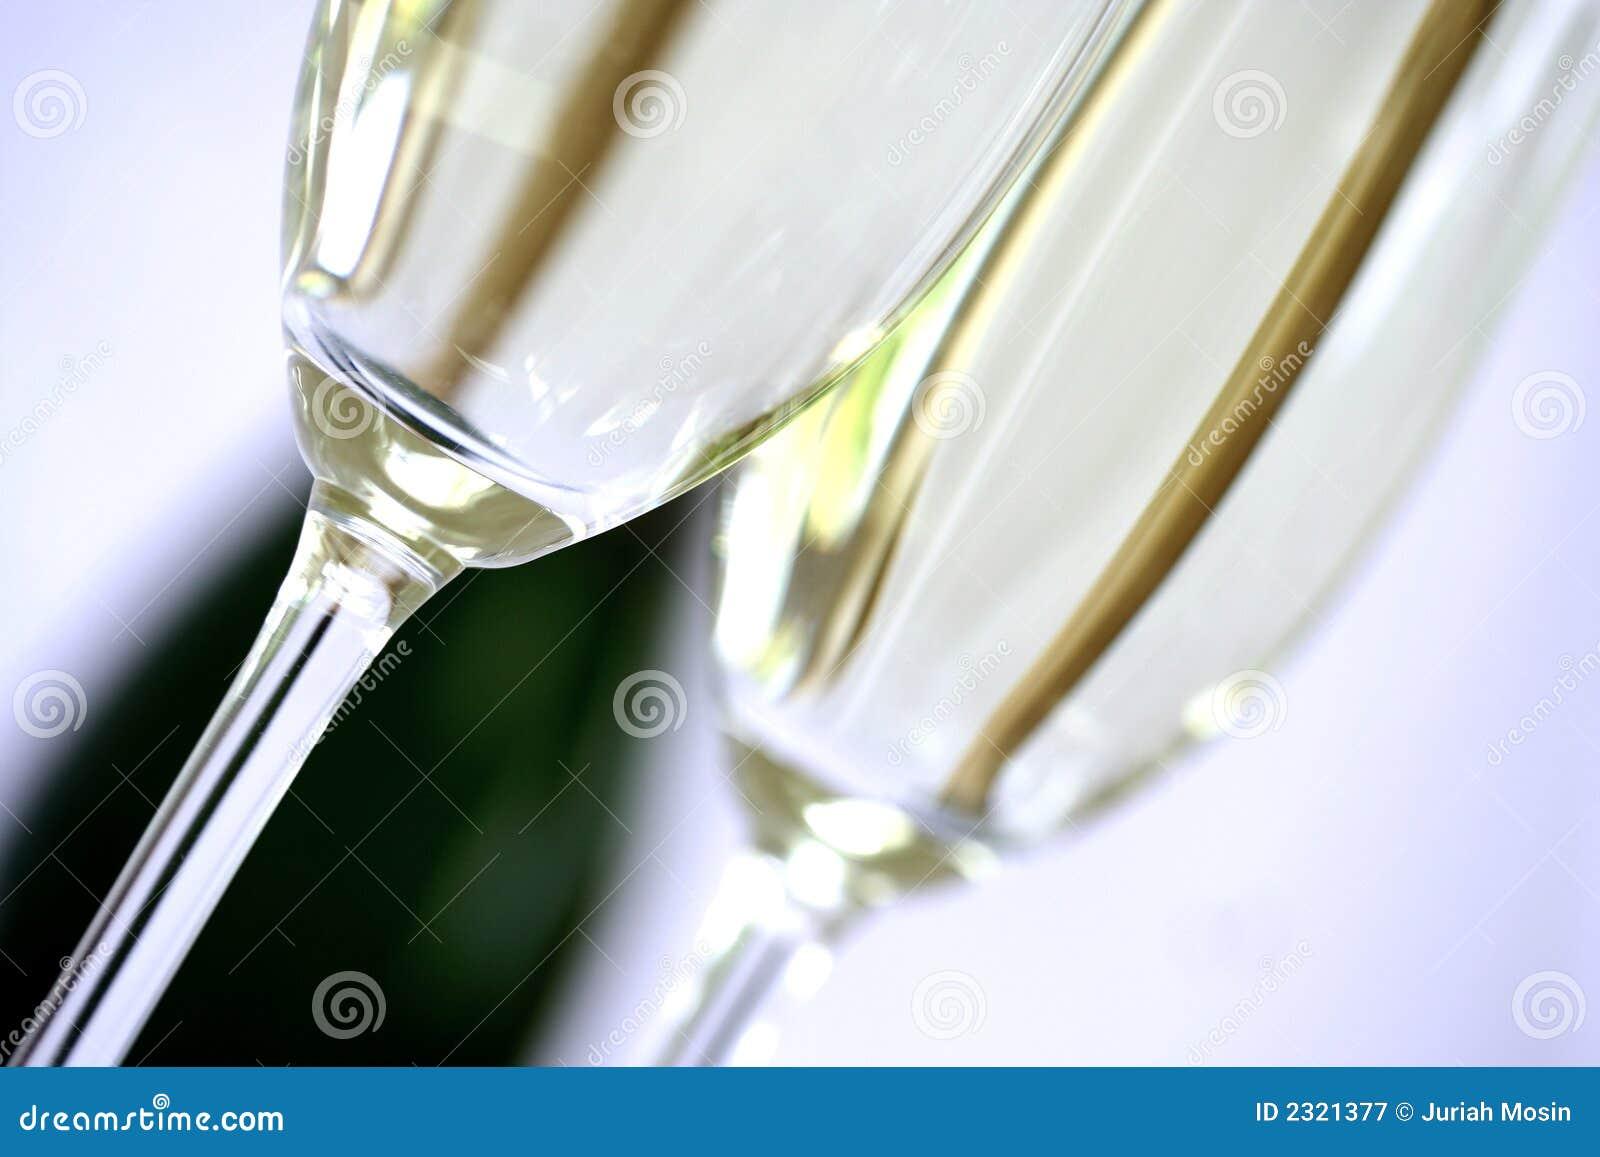 Closeup champagne flute